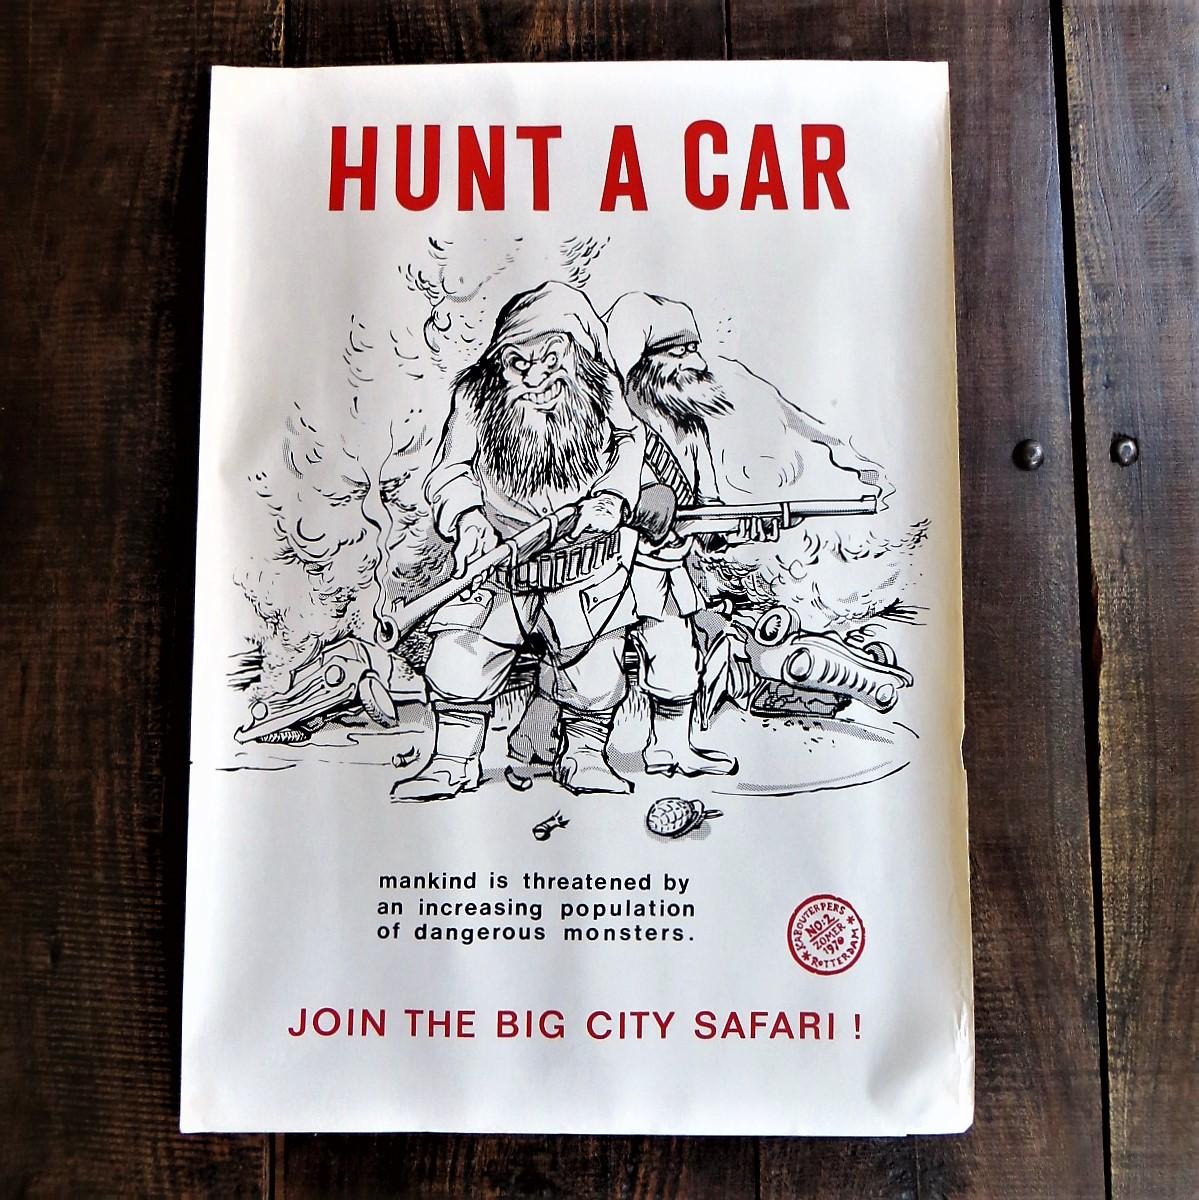 poster-hunt-a-car-1